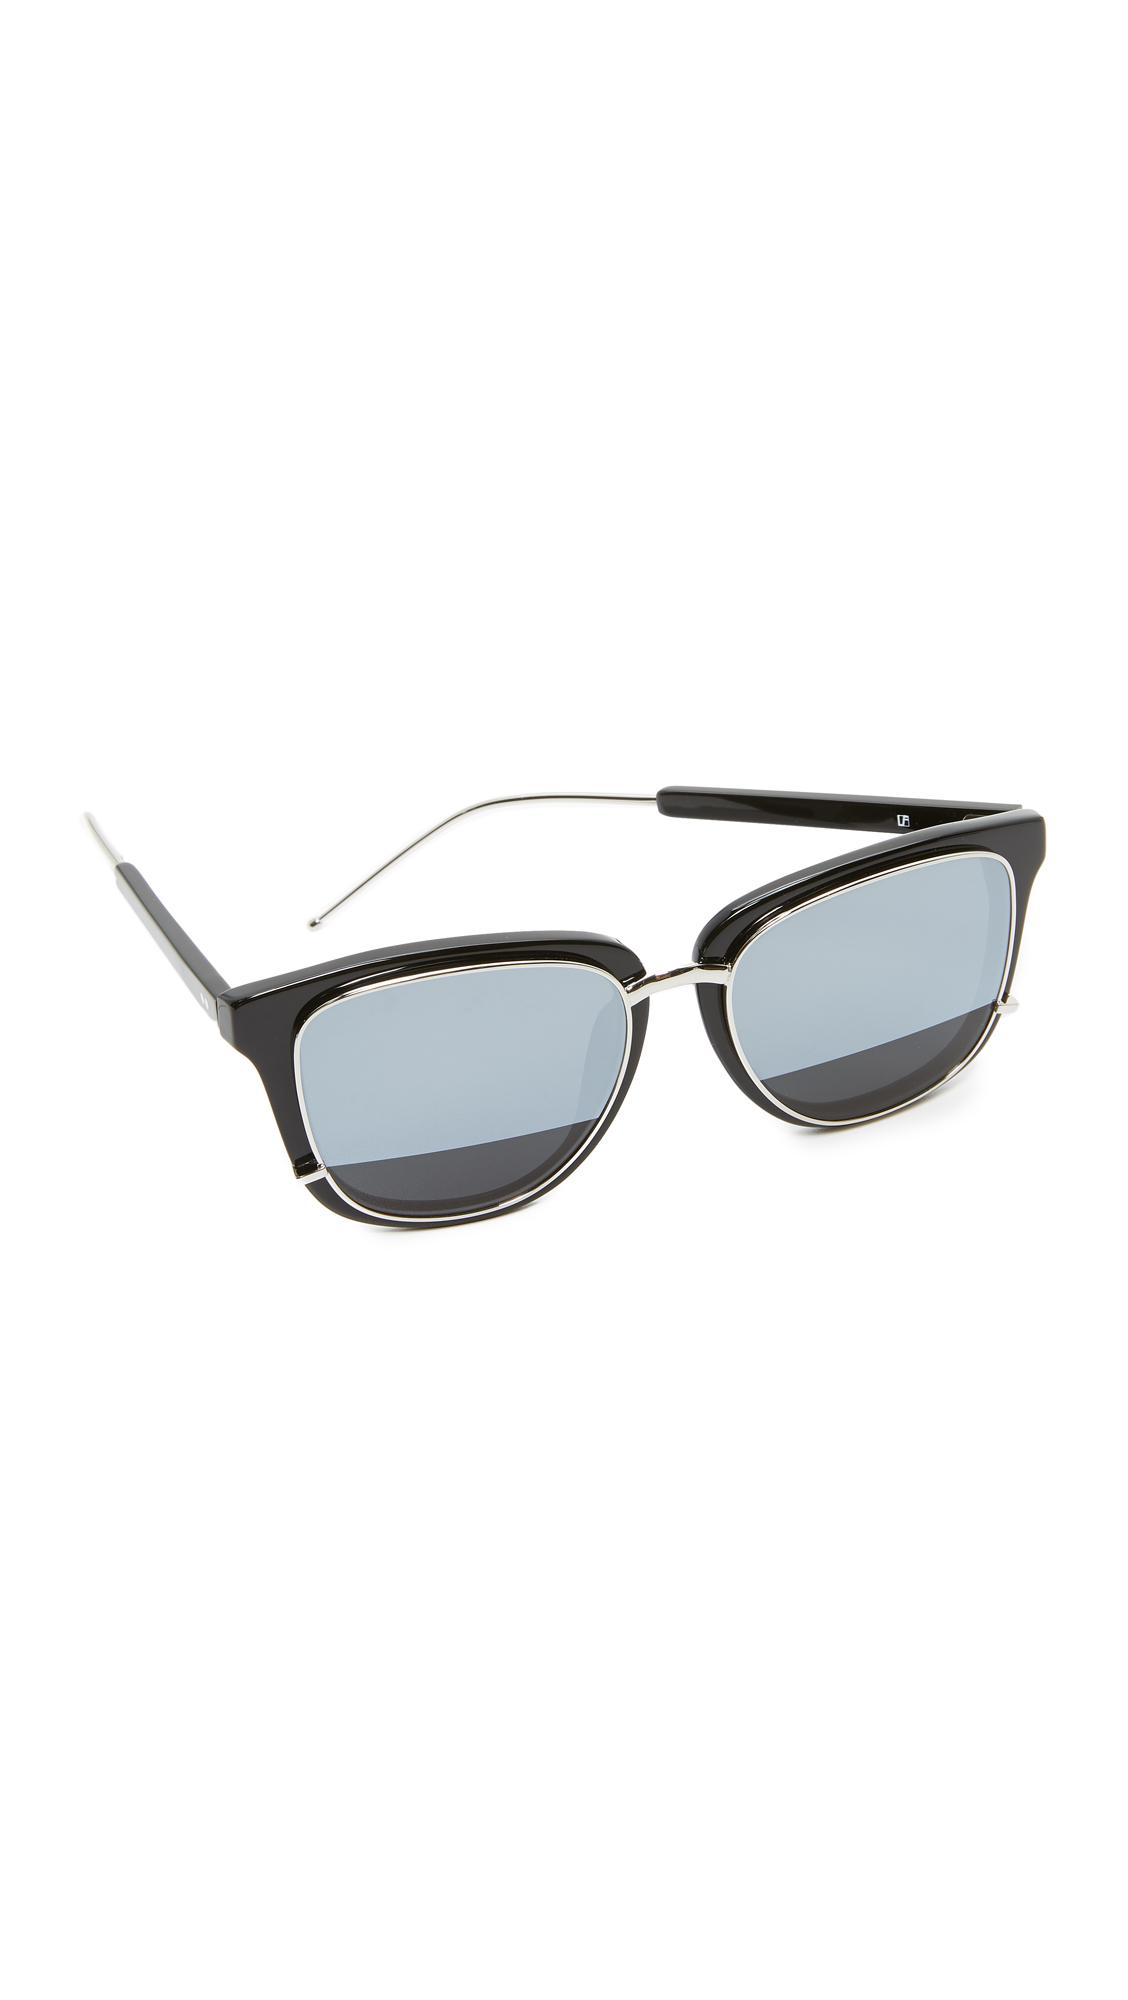 3.1 Phillip Lim Mirrored Sunglasses - Black/Silver